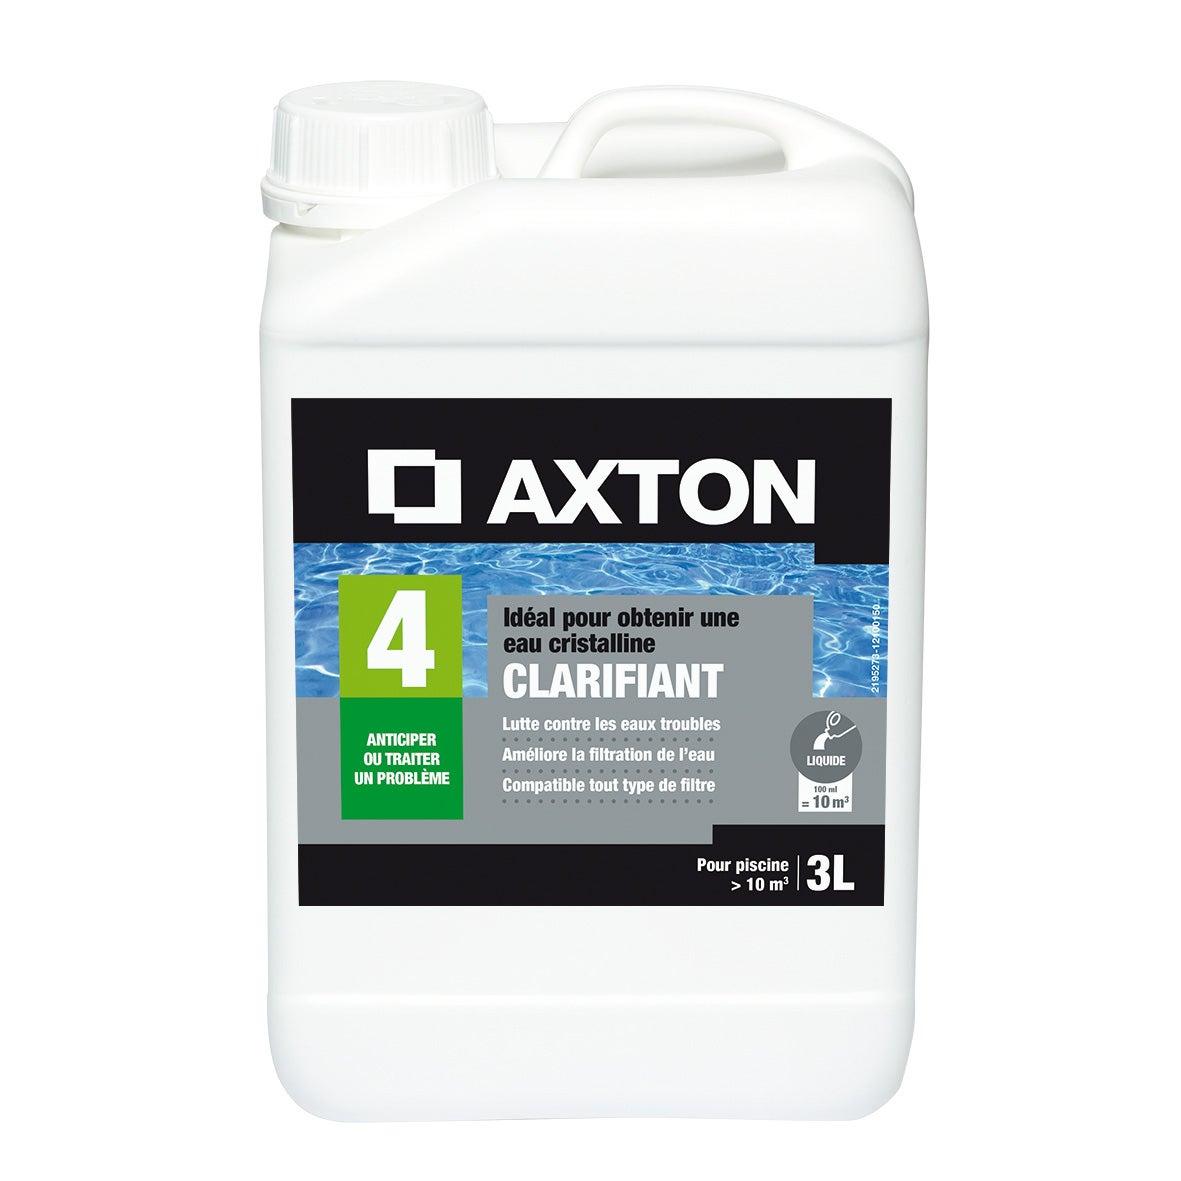 Clarifiant Piscine Axton, Liquide 3 L intérieur Clarifiant Piscine